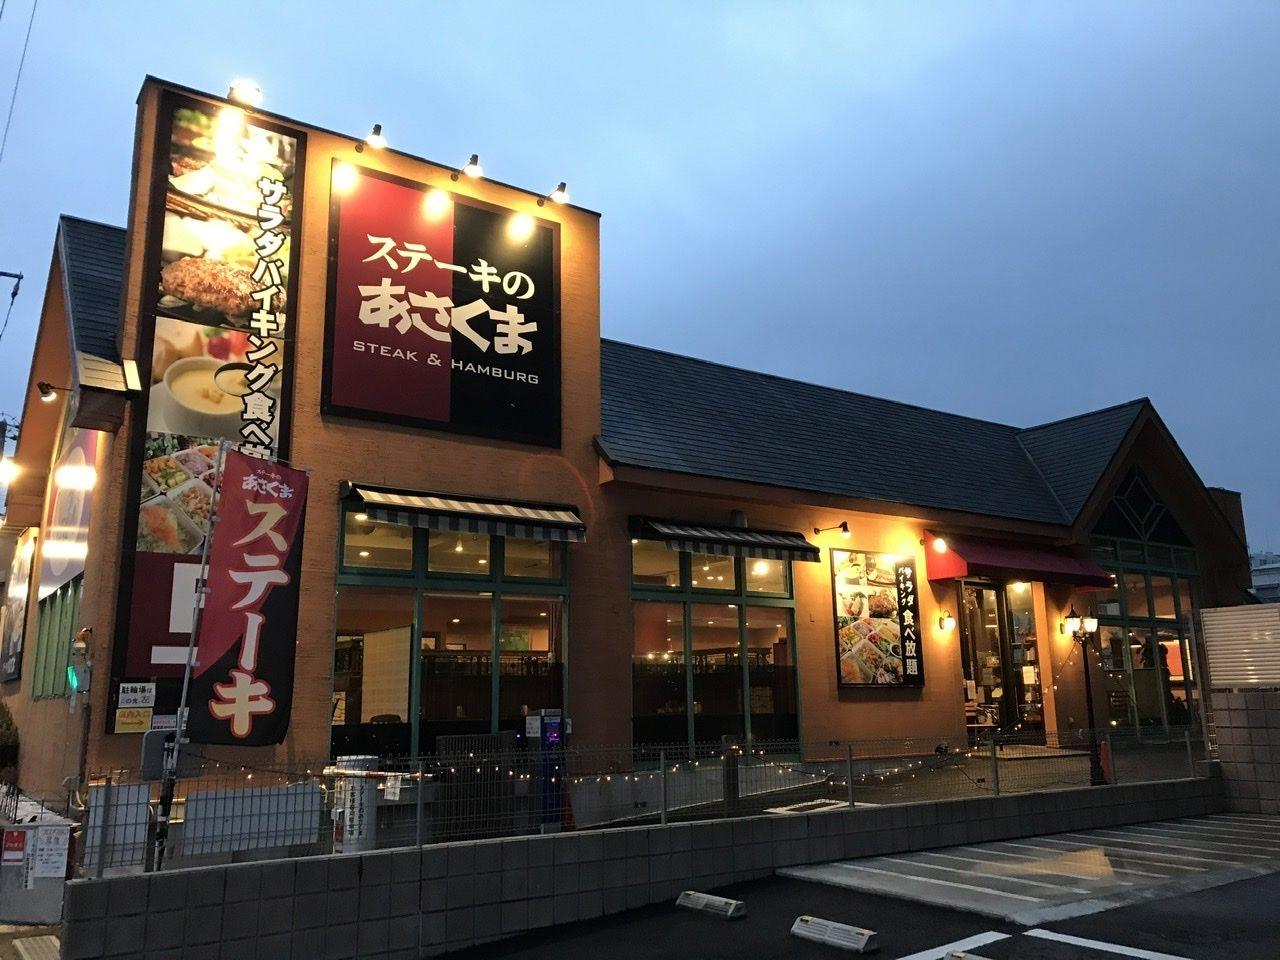 ステーキと寿司が融合すると何になる?ステーキの「あさくま」が和食の竹若を買収